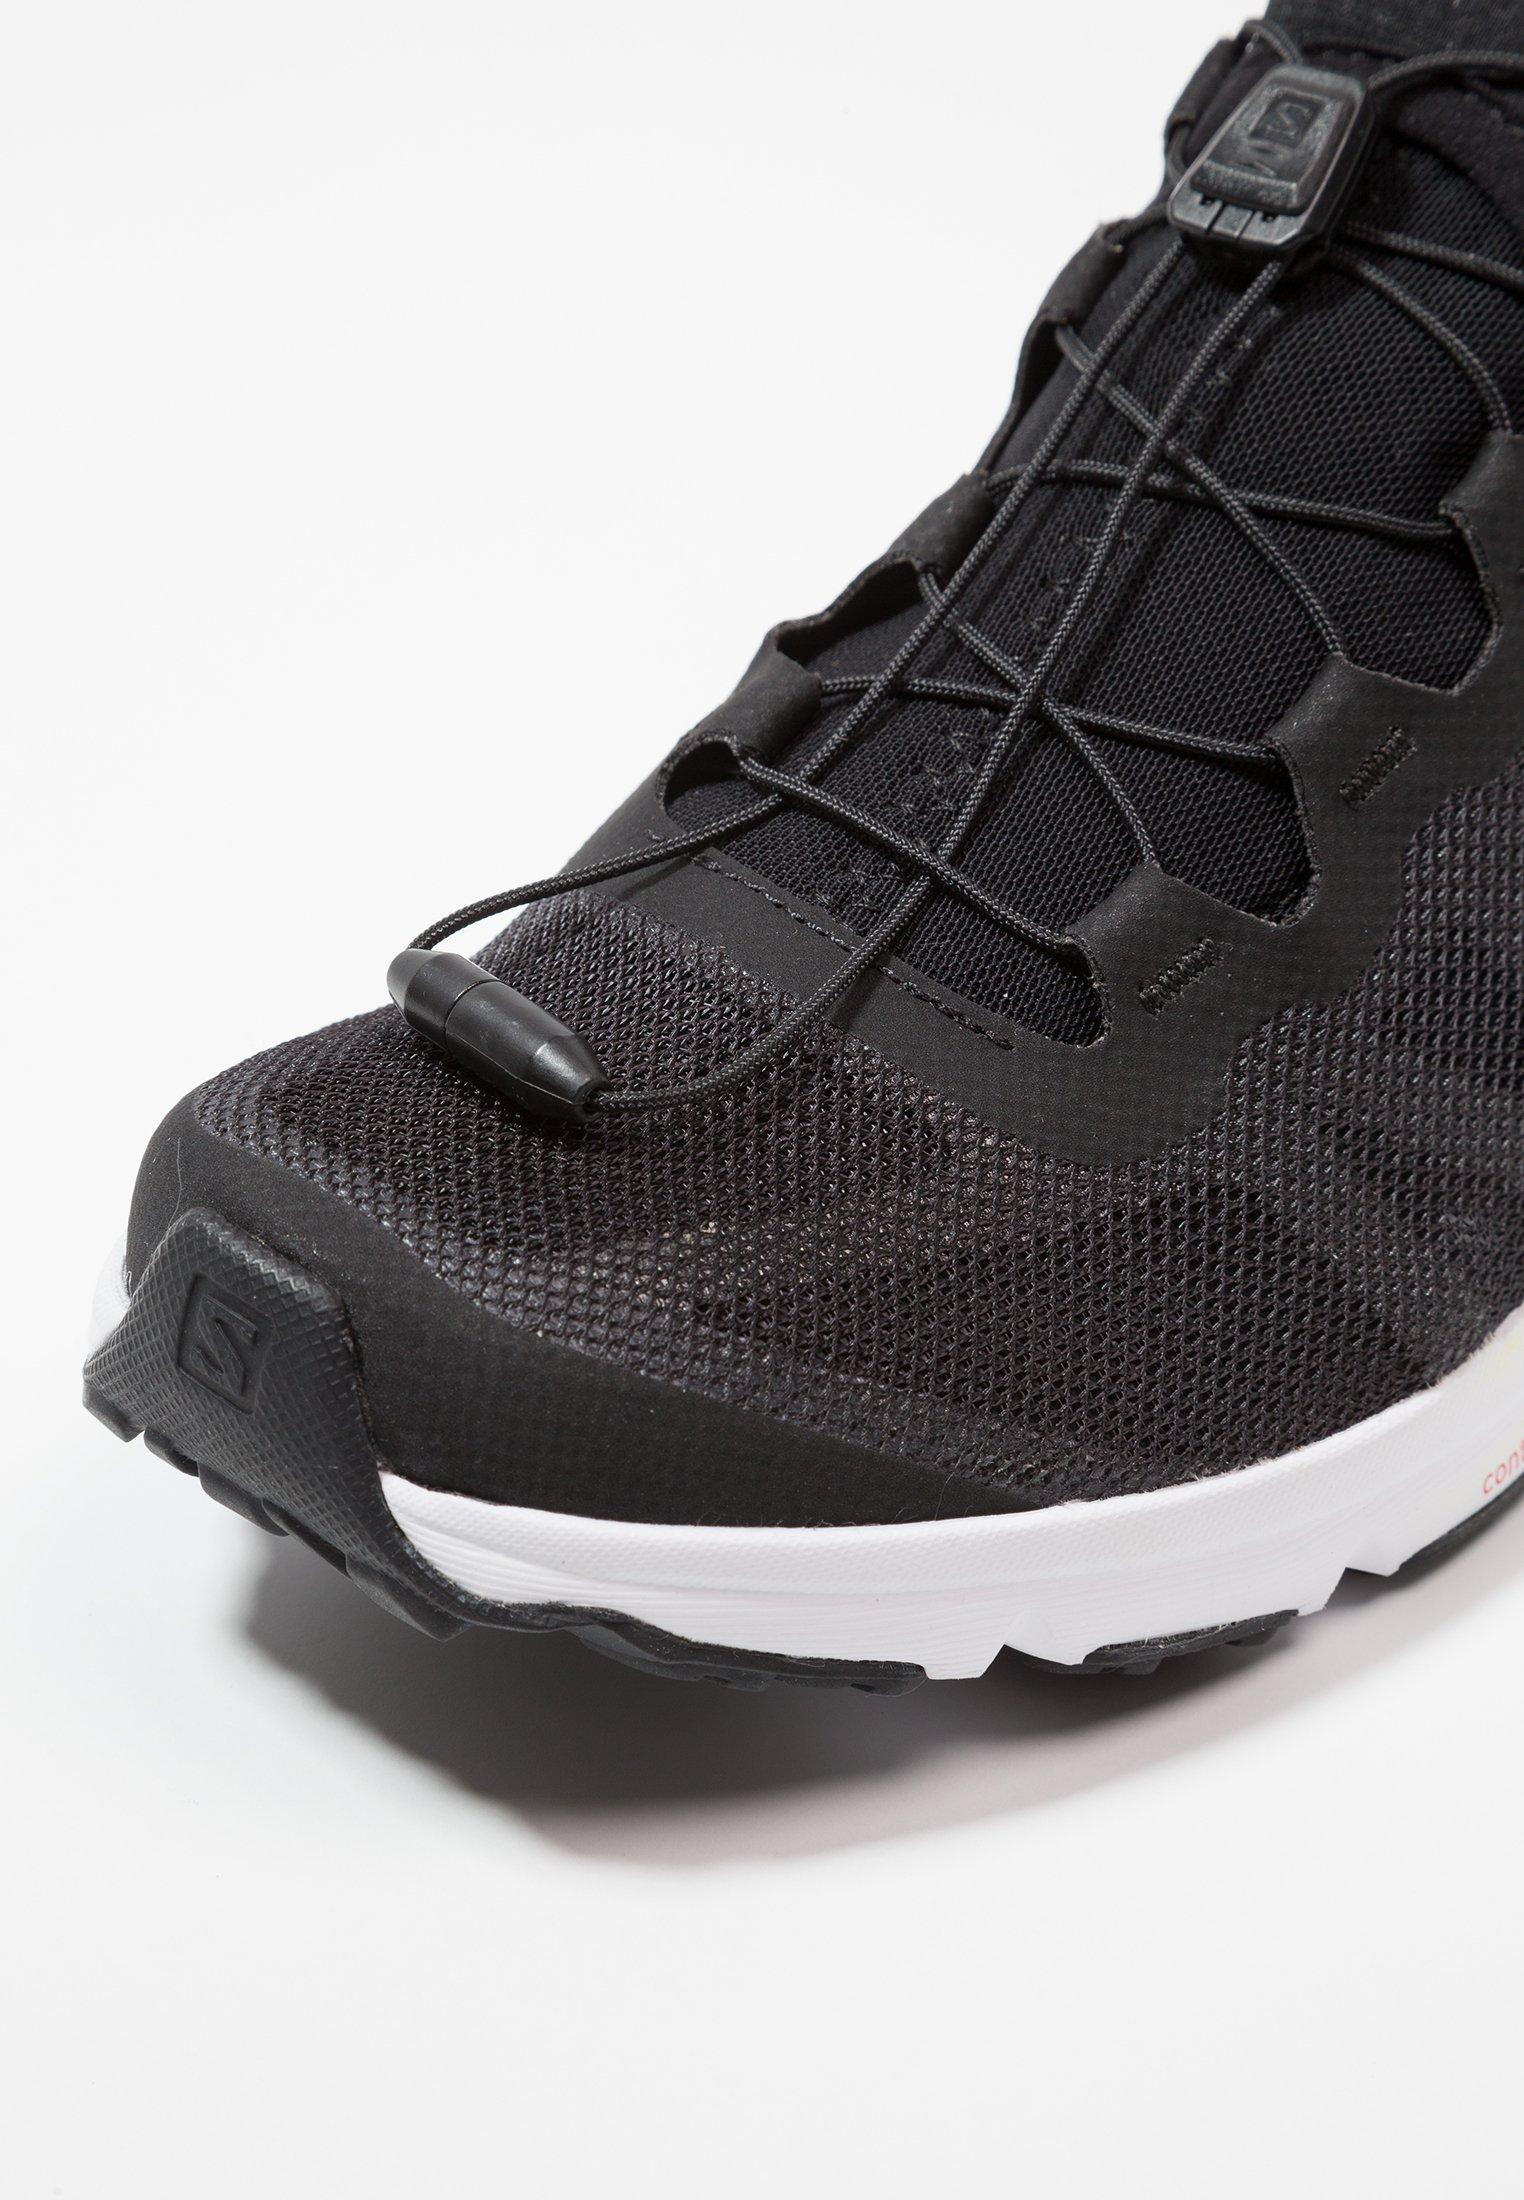 AMPHIB BOLD Chaussures de marche blackwhite